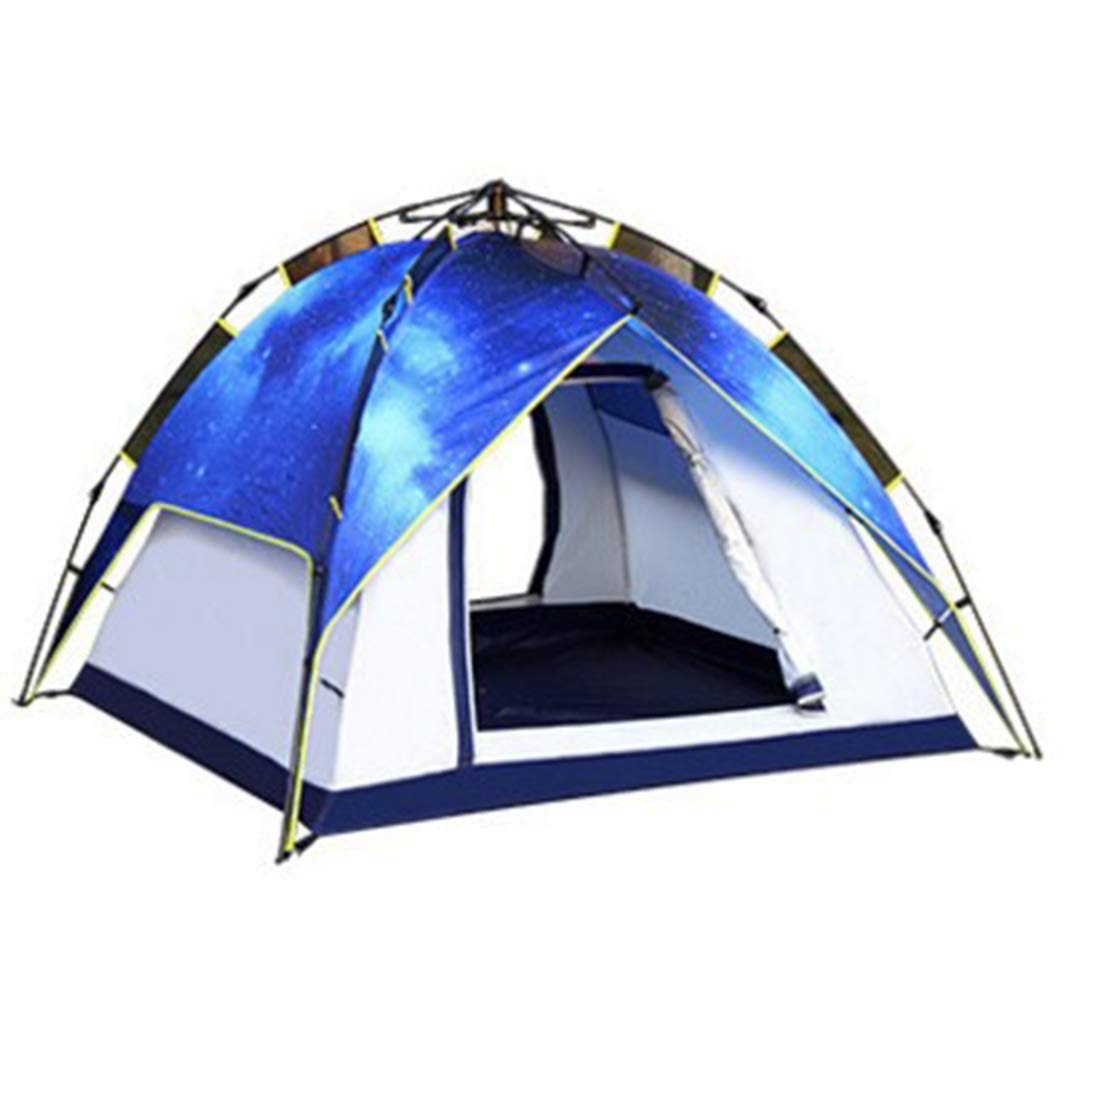 最低価格の 自動テントの星空のキャンプのテントの屋外旅行をキャンプする3-4人 B07P546HDR B07P546HDR, PETECH:fb069ccf --- ciadaterra.com